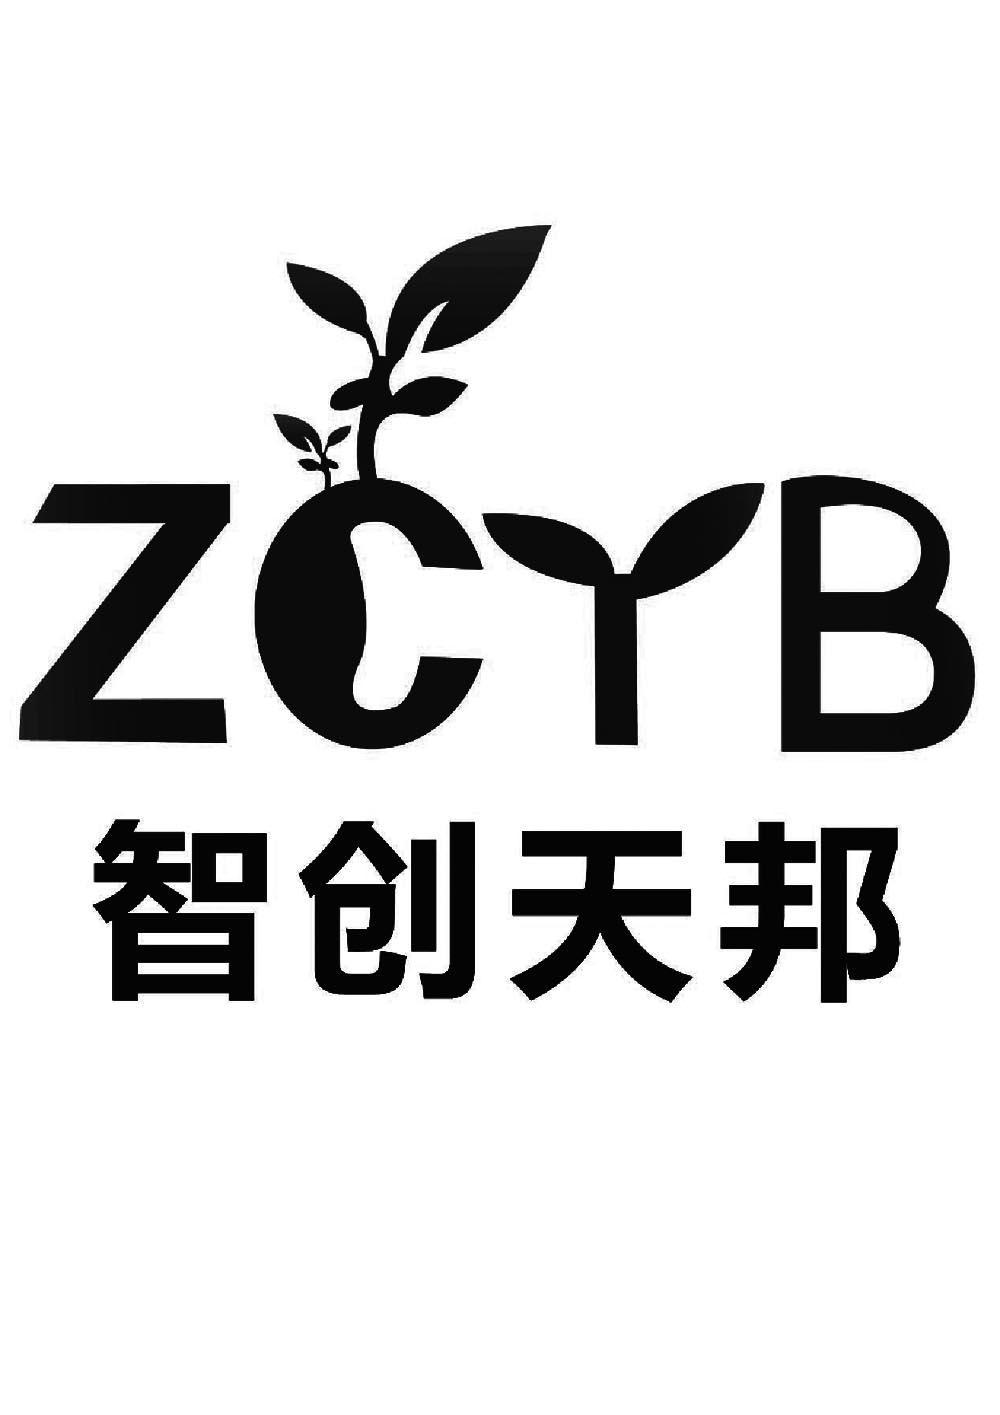 转让亚博娱乐yabo11-智创天邦  ZCTB